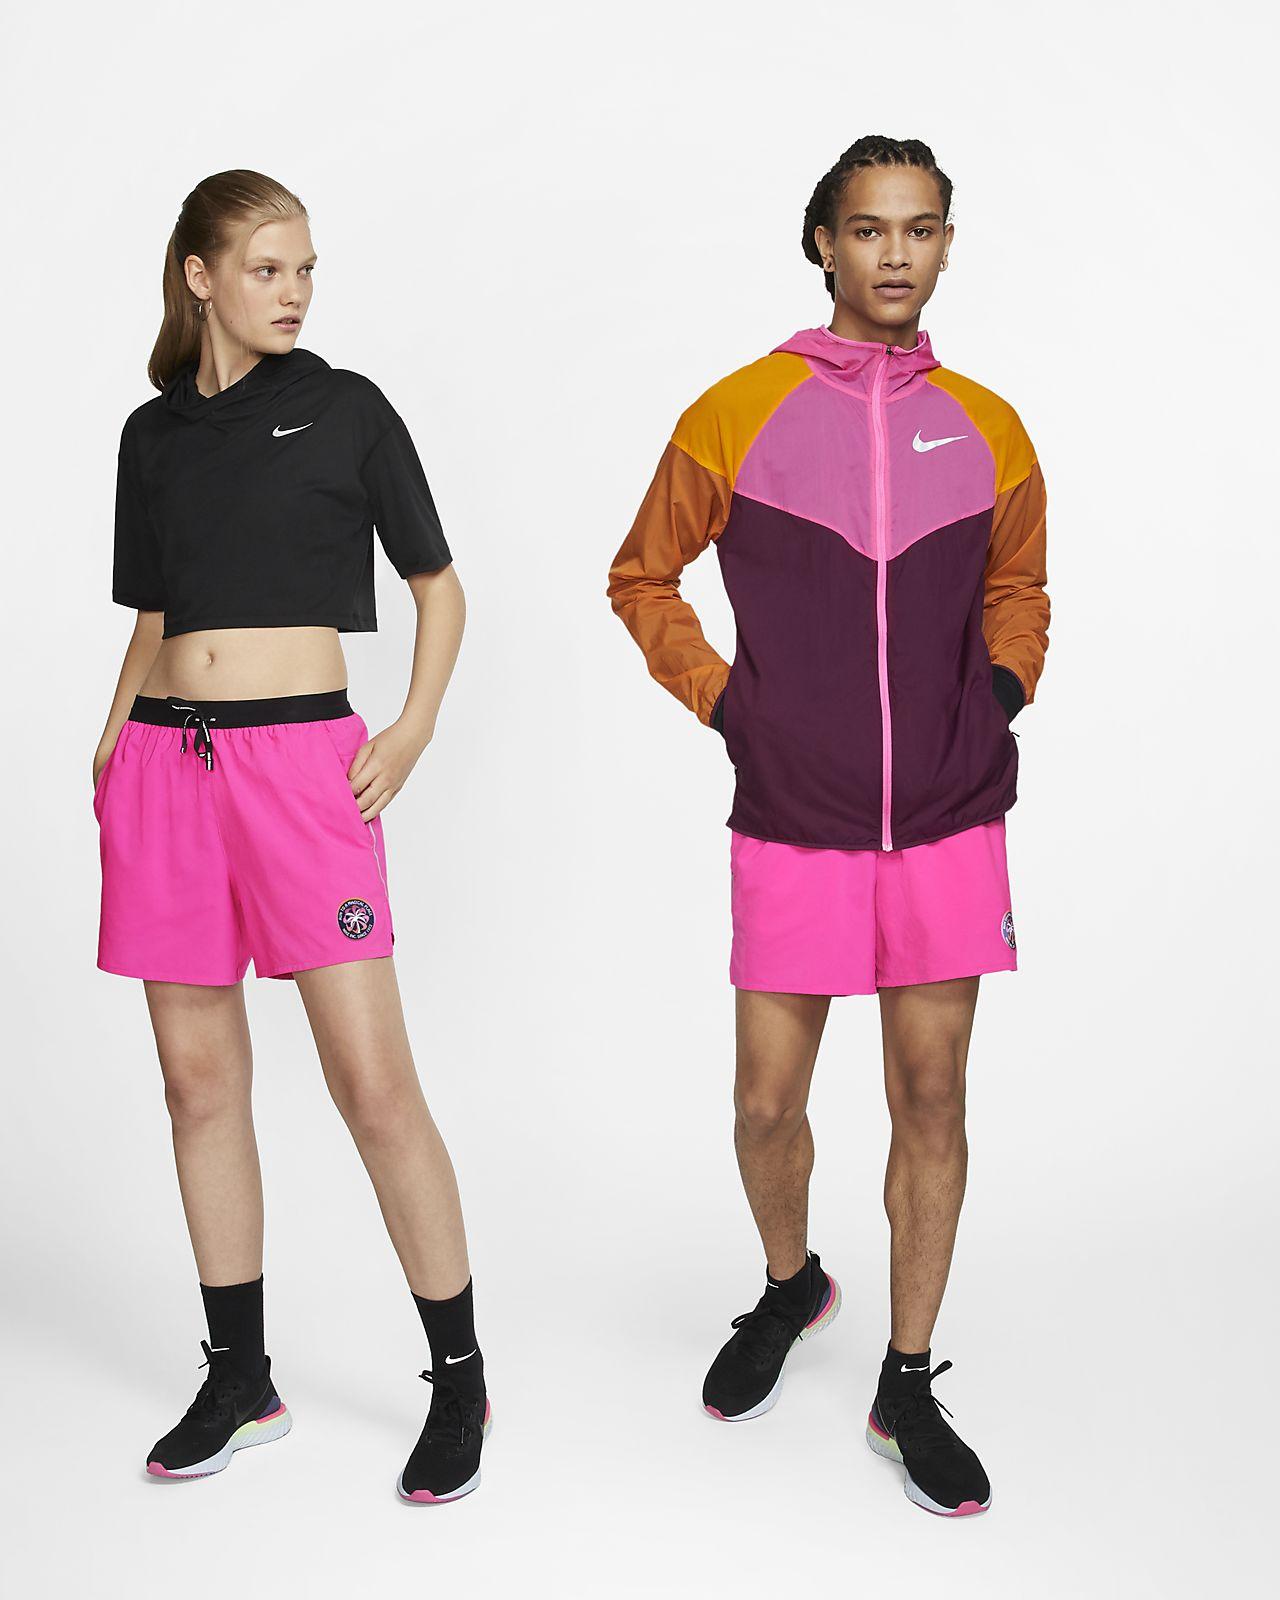 Calções de running forrados de 13 cm Nike Flex Stride